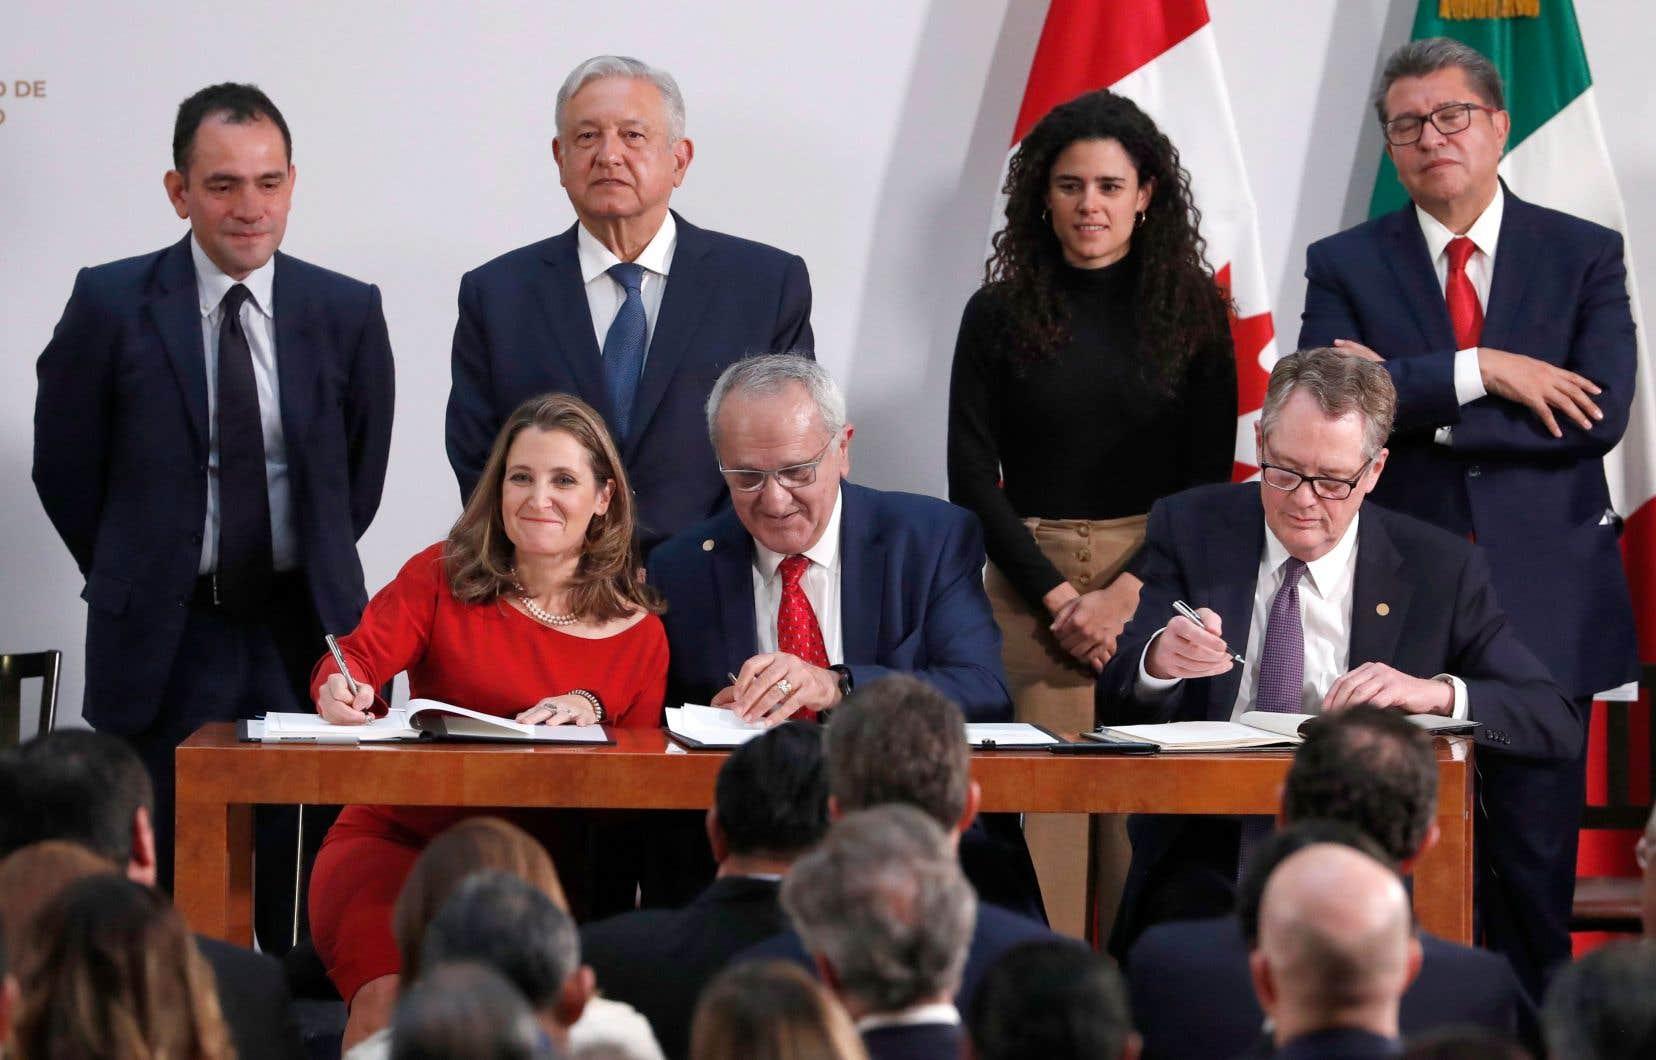 La vice-première ministre canadienne, Chrystia Freeland, et ses homologues américain, Robert Lighthizer, et mexicain, Jesus Seade, se sont empressés, mardi, à Mexico, de signer cette nouvelle mouture de l'accord.